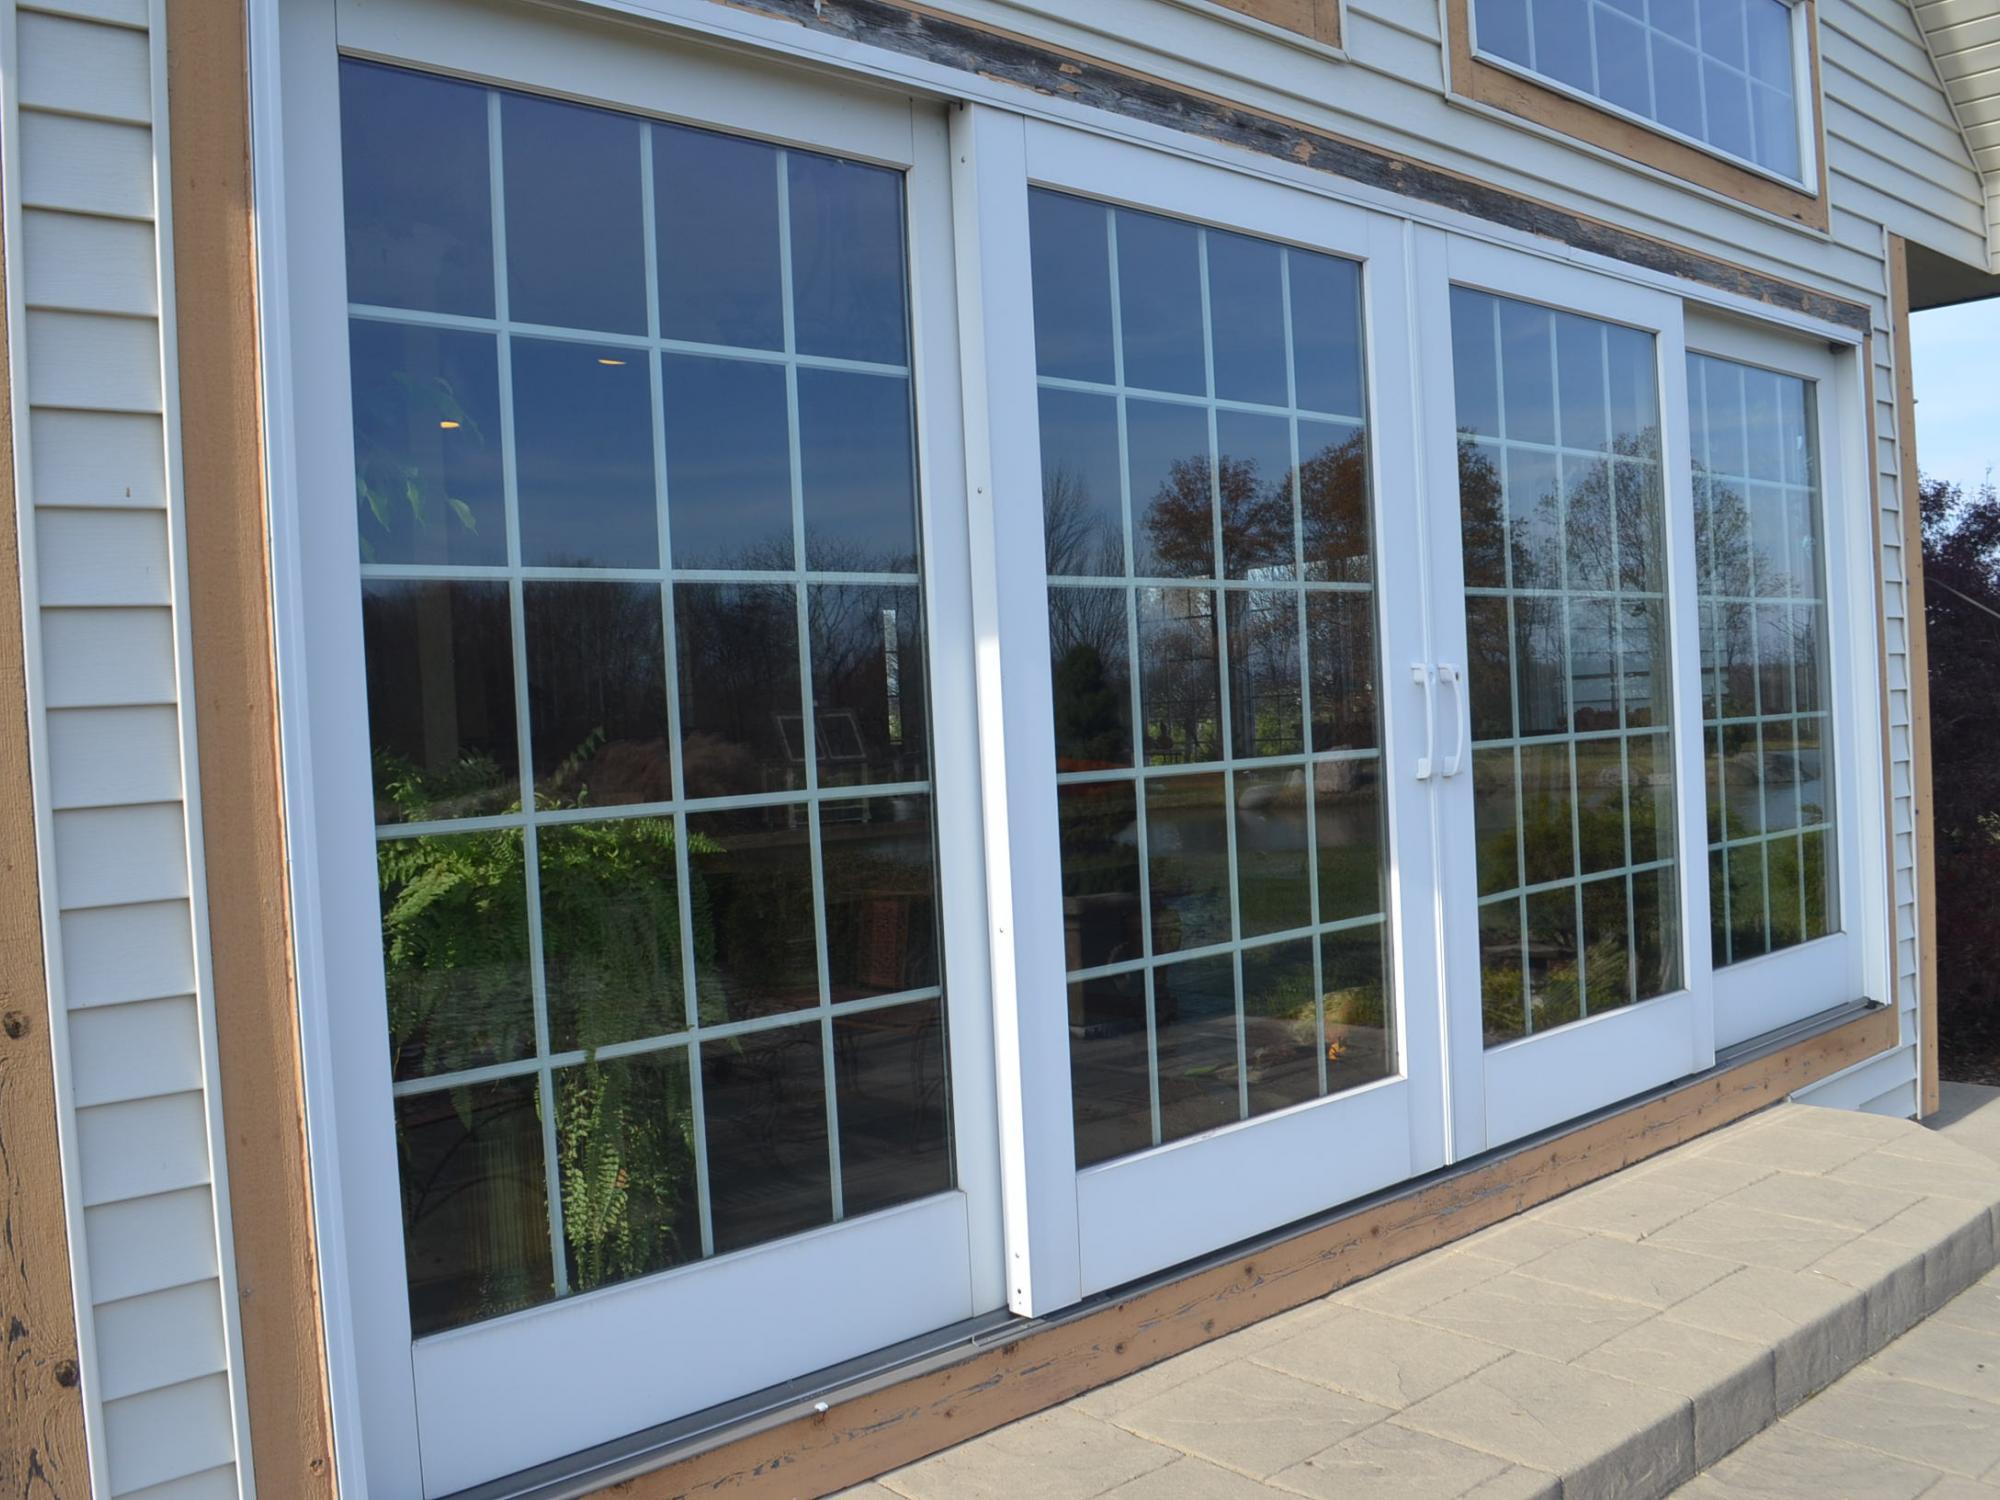 Steve Amp Maria Dewald Schrader Real Estate Amp Auction Of